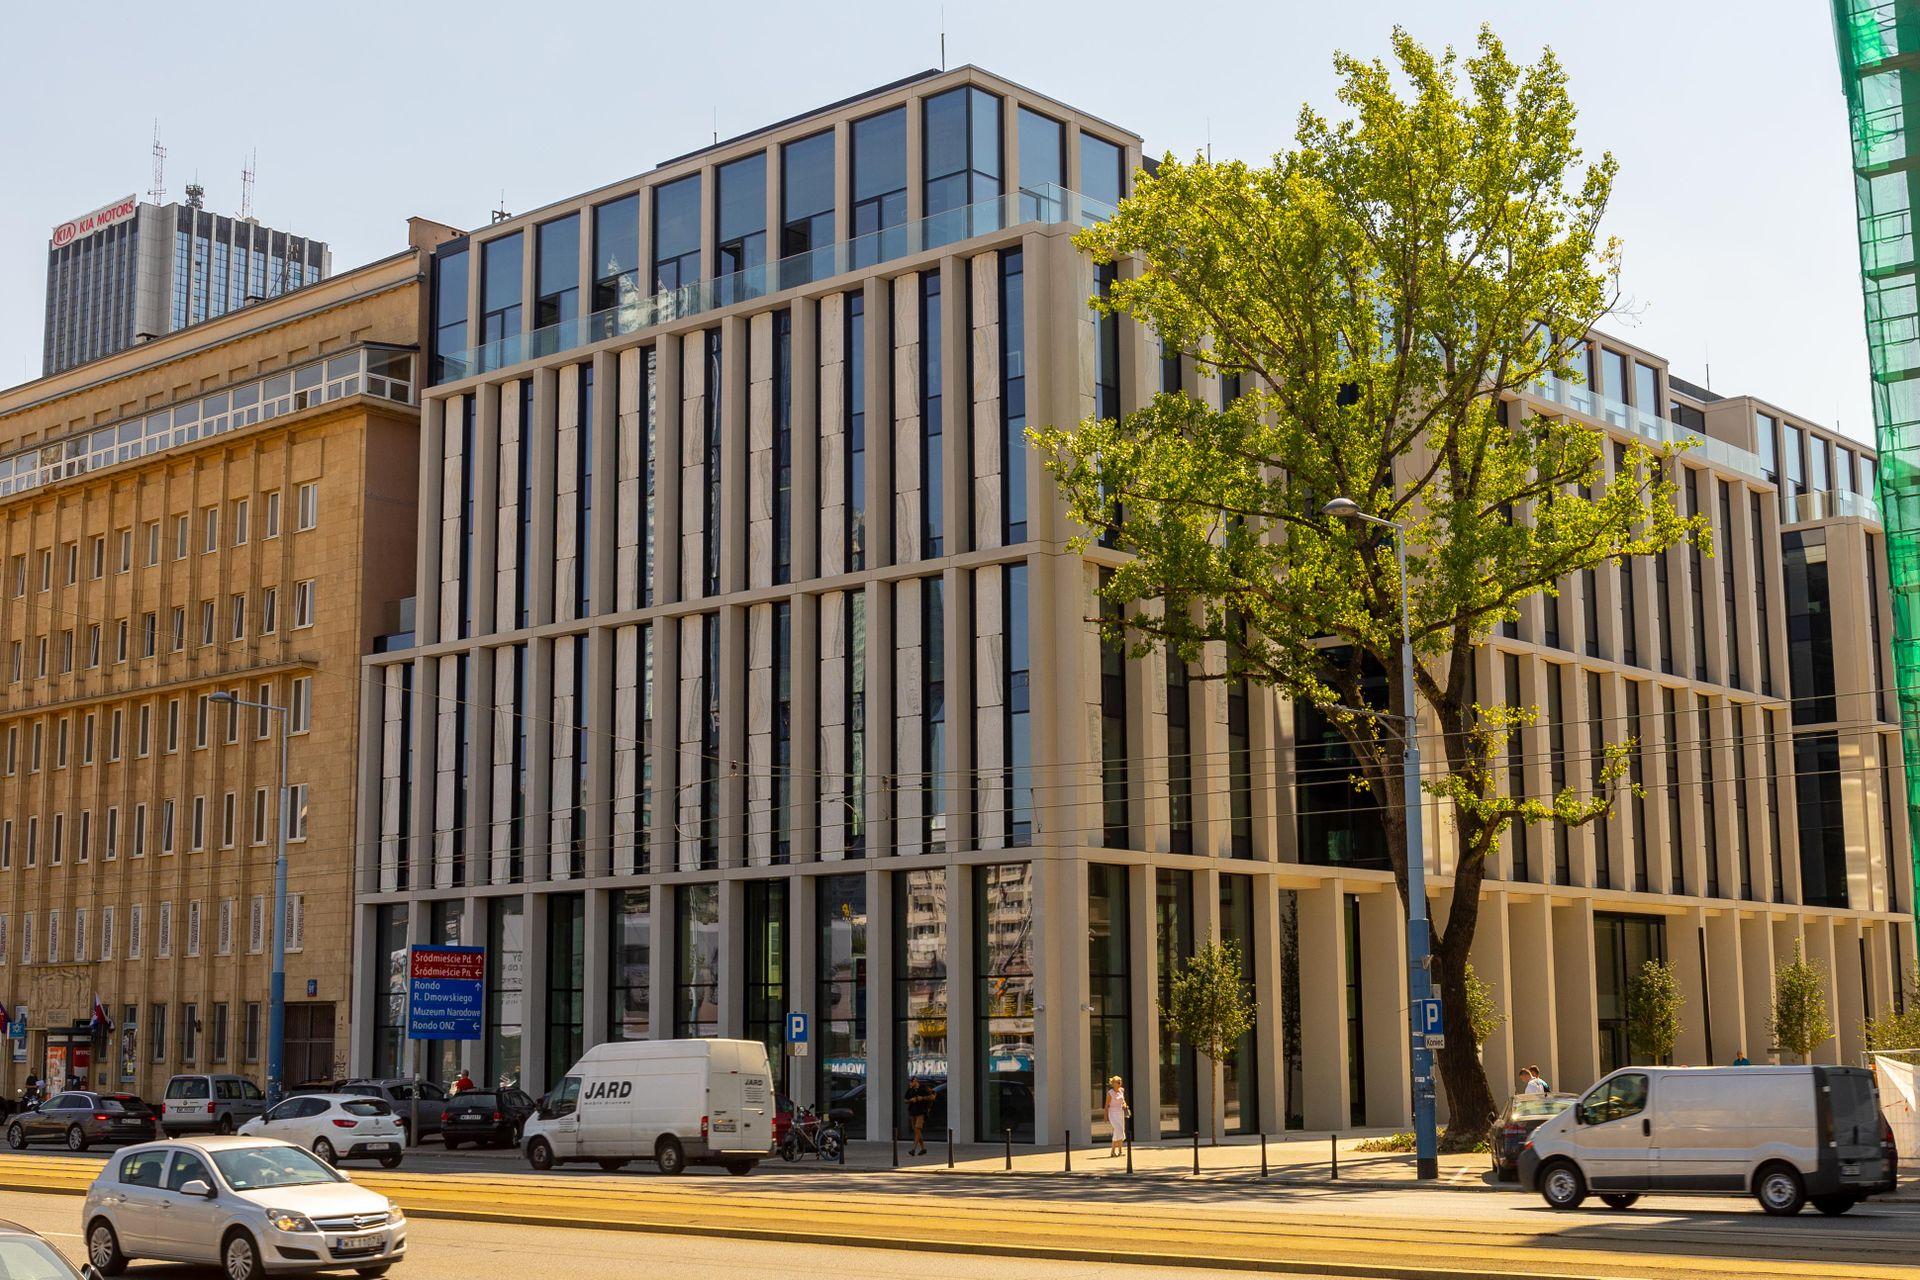 [Warszawa] Start-upy wynajęły dwa piętra w biurowcu Nowogrodzka Square w Warszawie